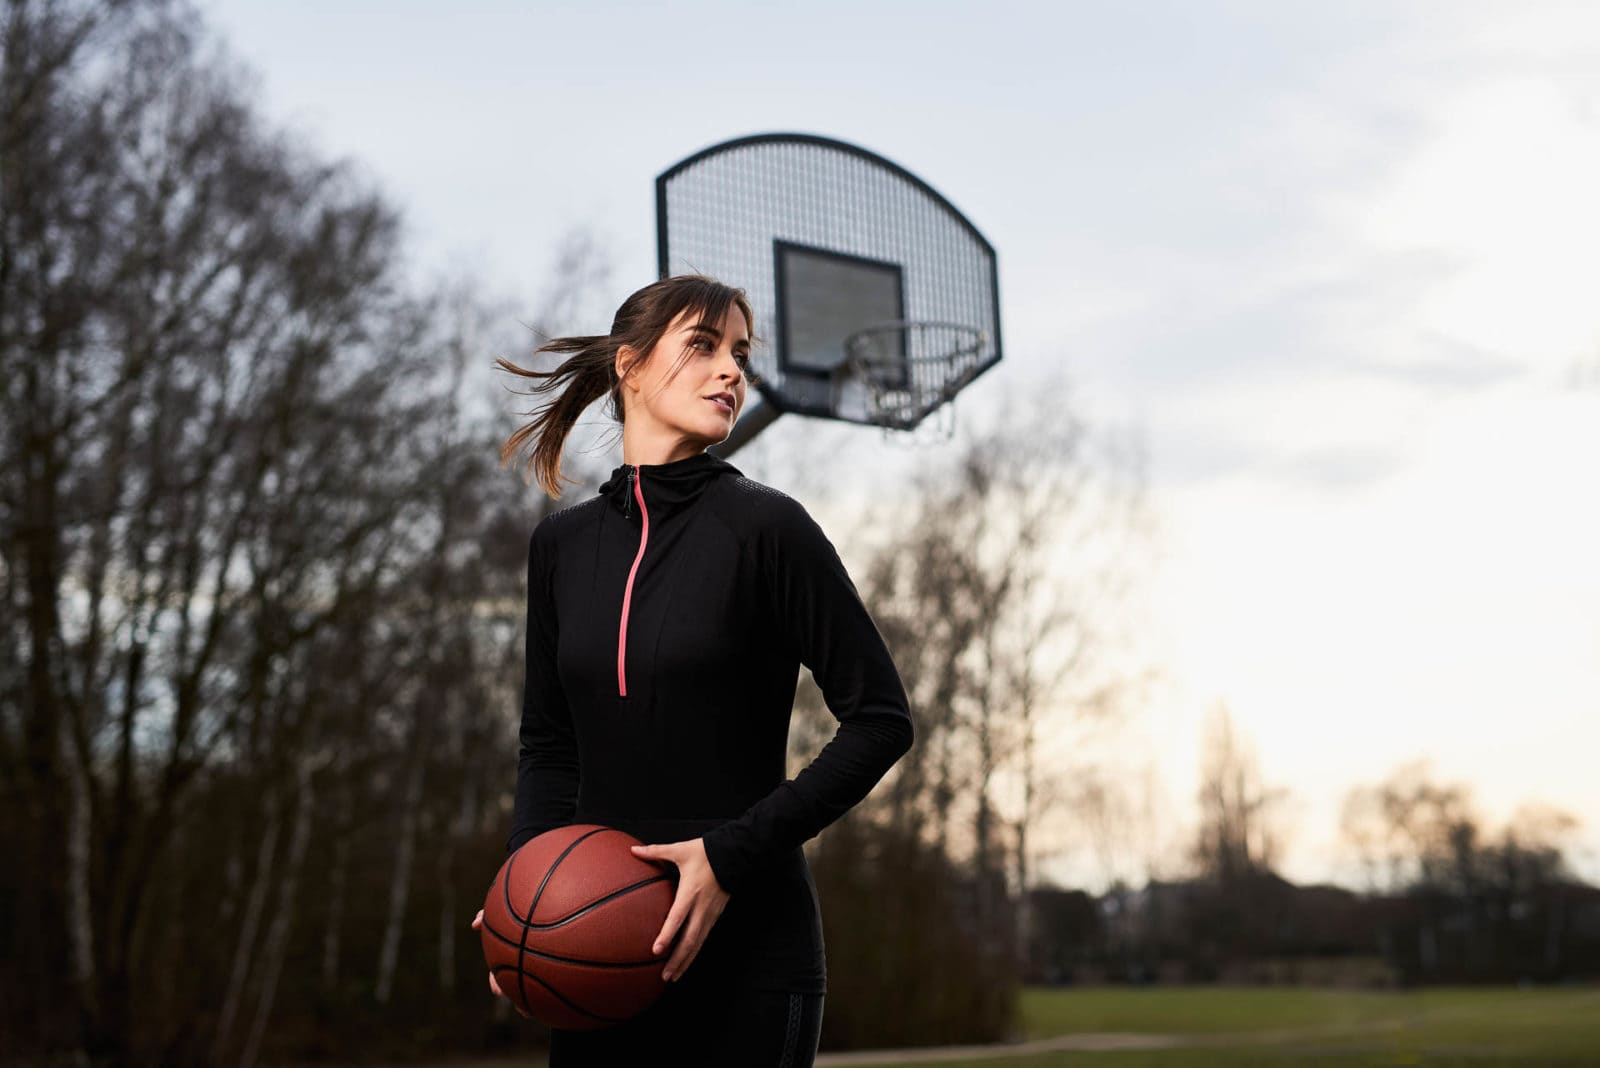 Frau spielt Basketball - Inszenierung für Bildagentur Lifestyle